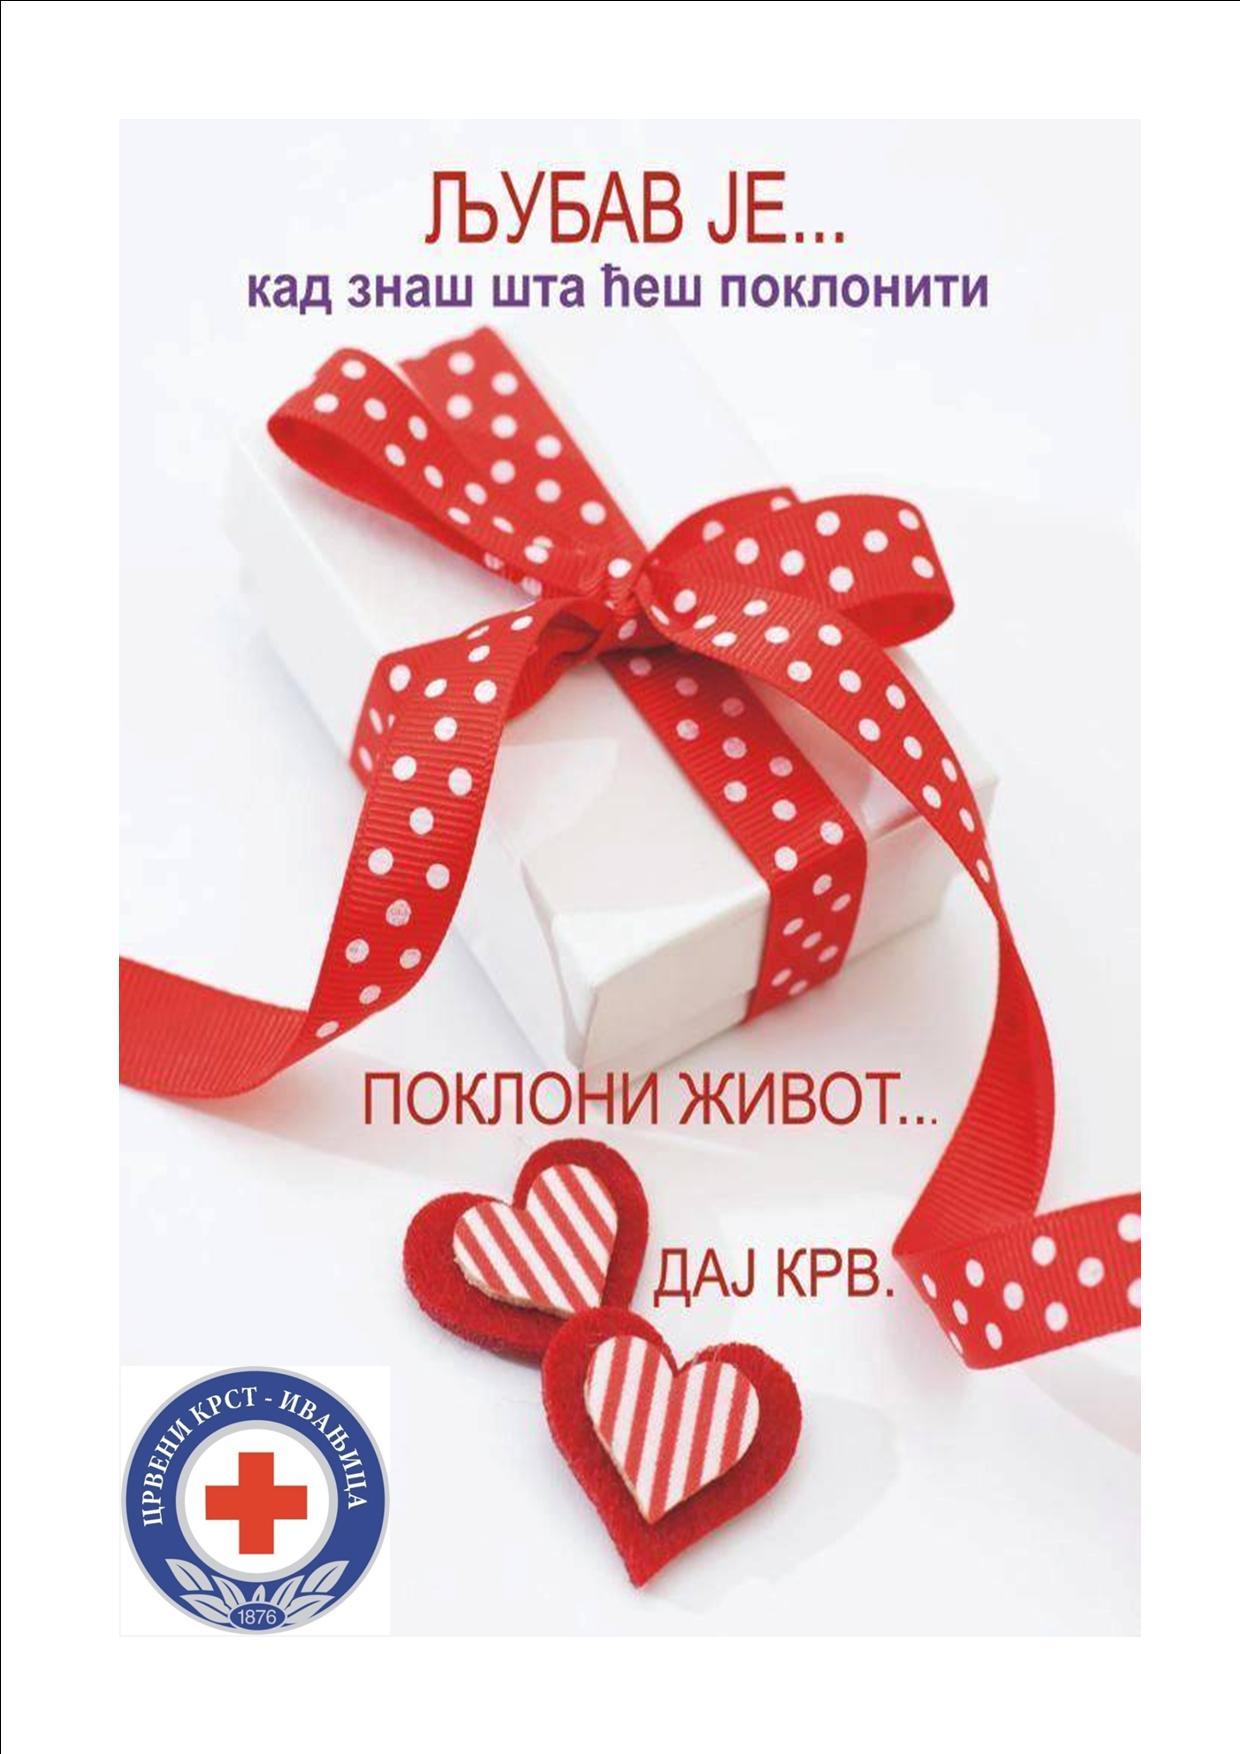 PAKET-1-111 Sutra akcija dobrovoljnog davanja krvi u zgradi opštine Ivanjica